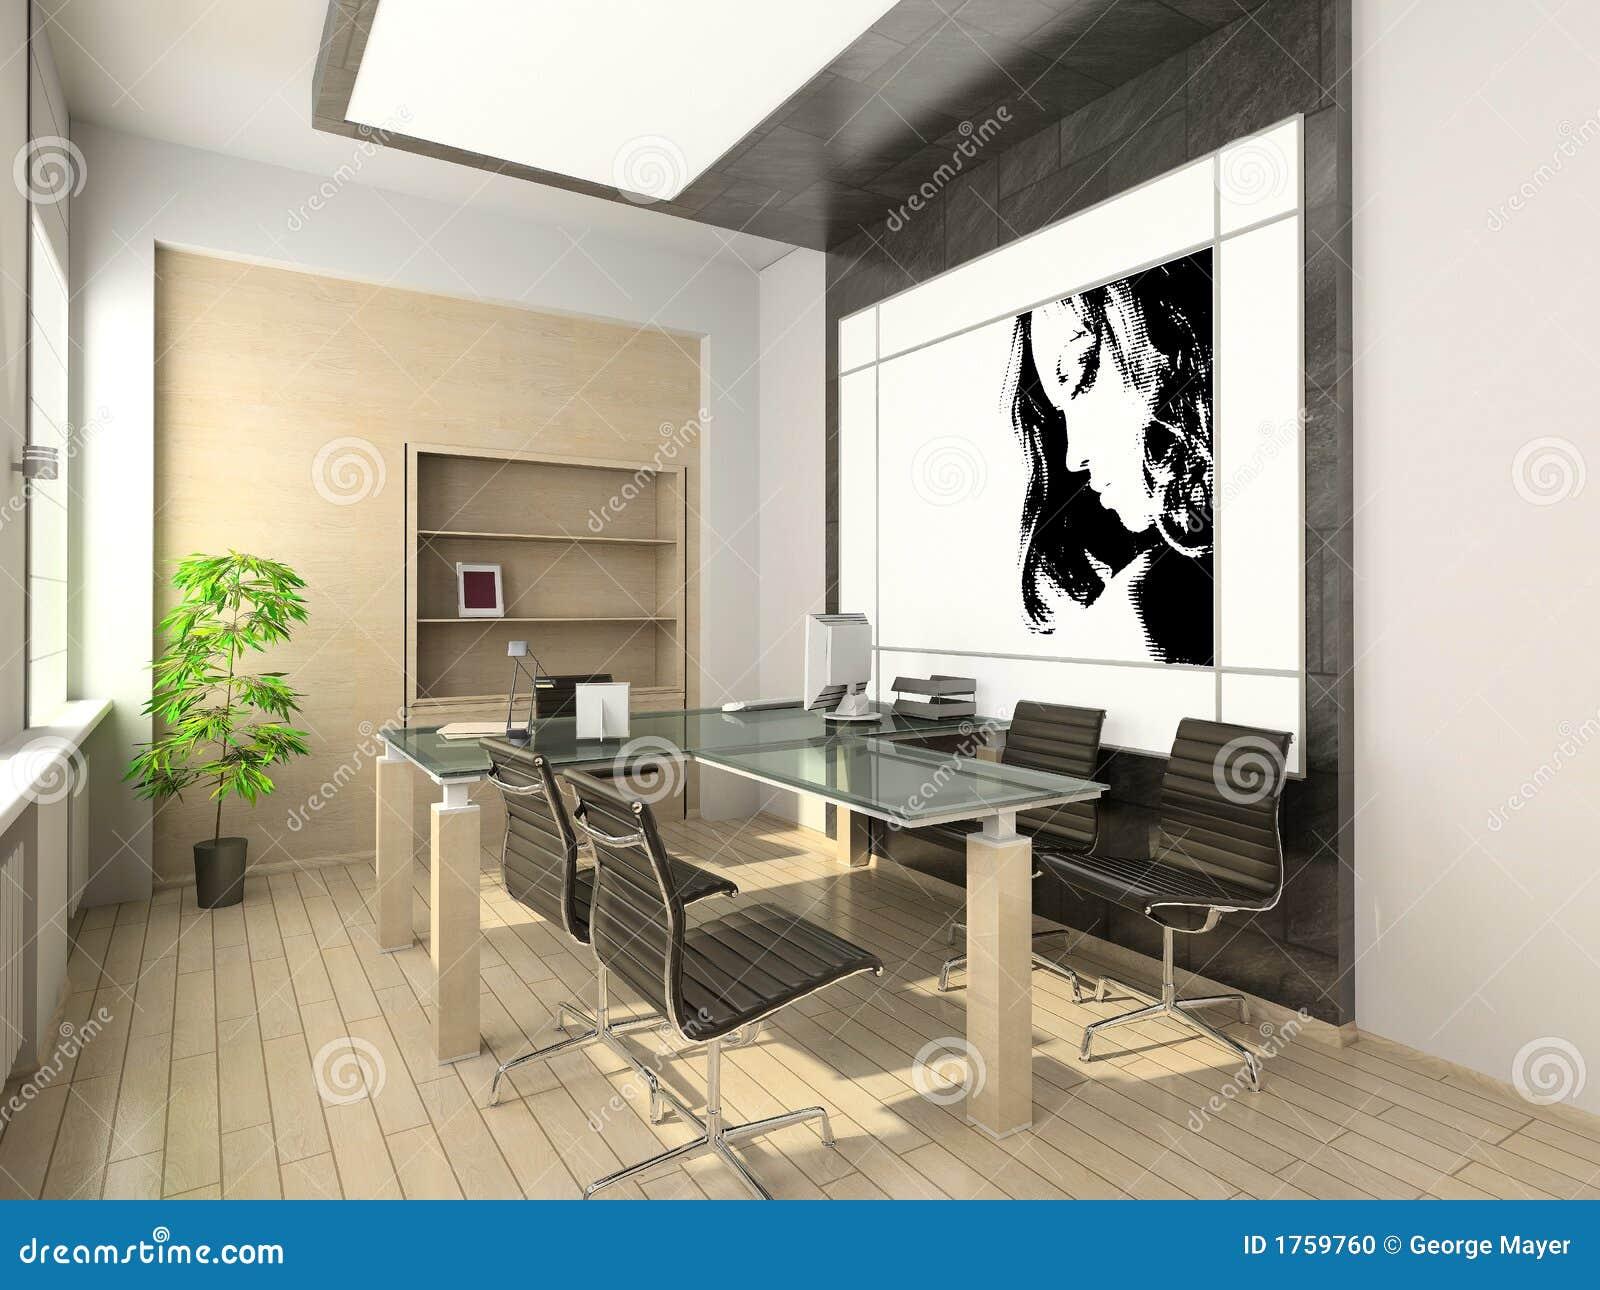 Dise o de oficina moderna interior de alta tecnolog a for Interior oficina